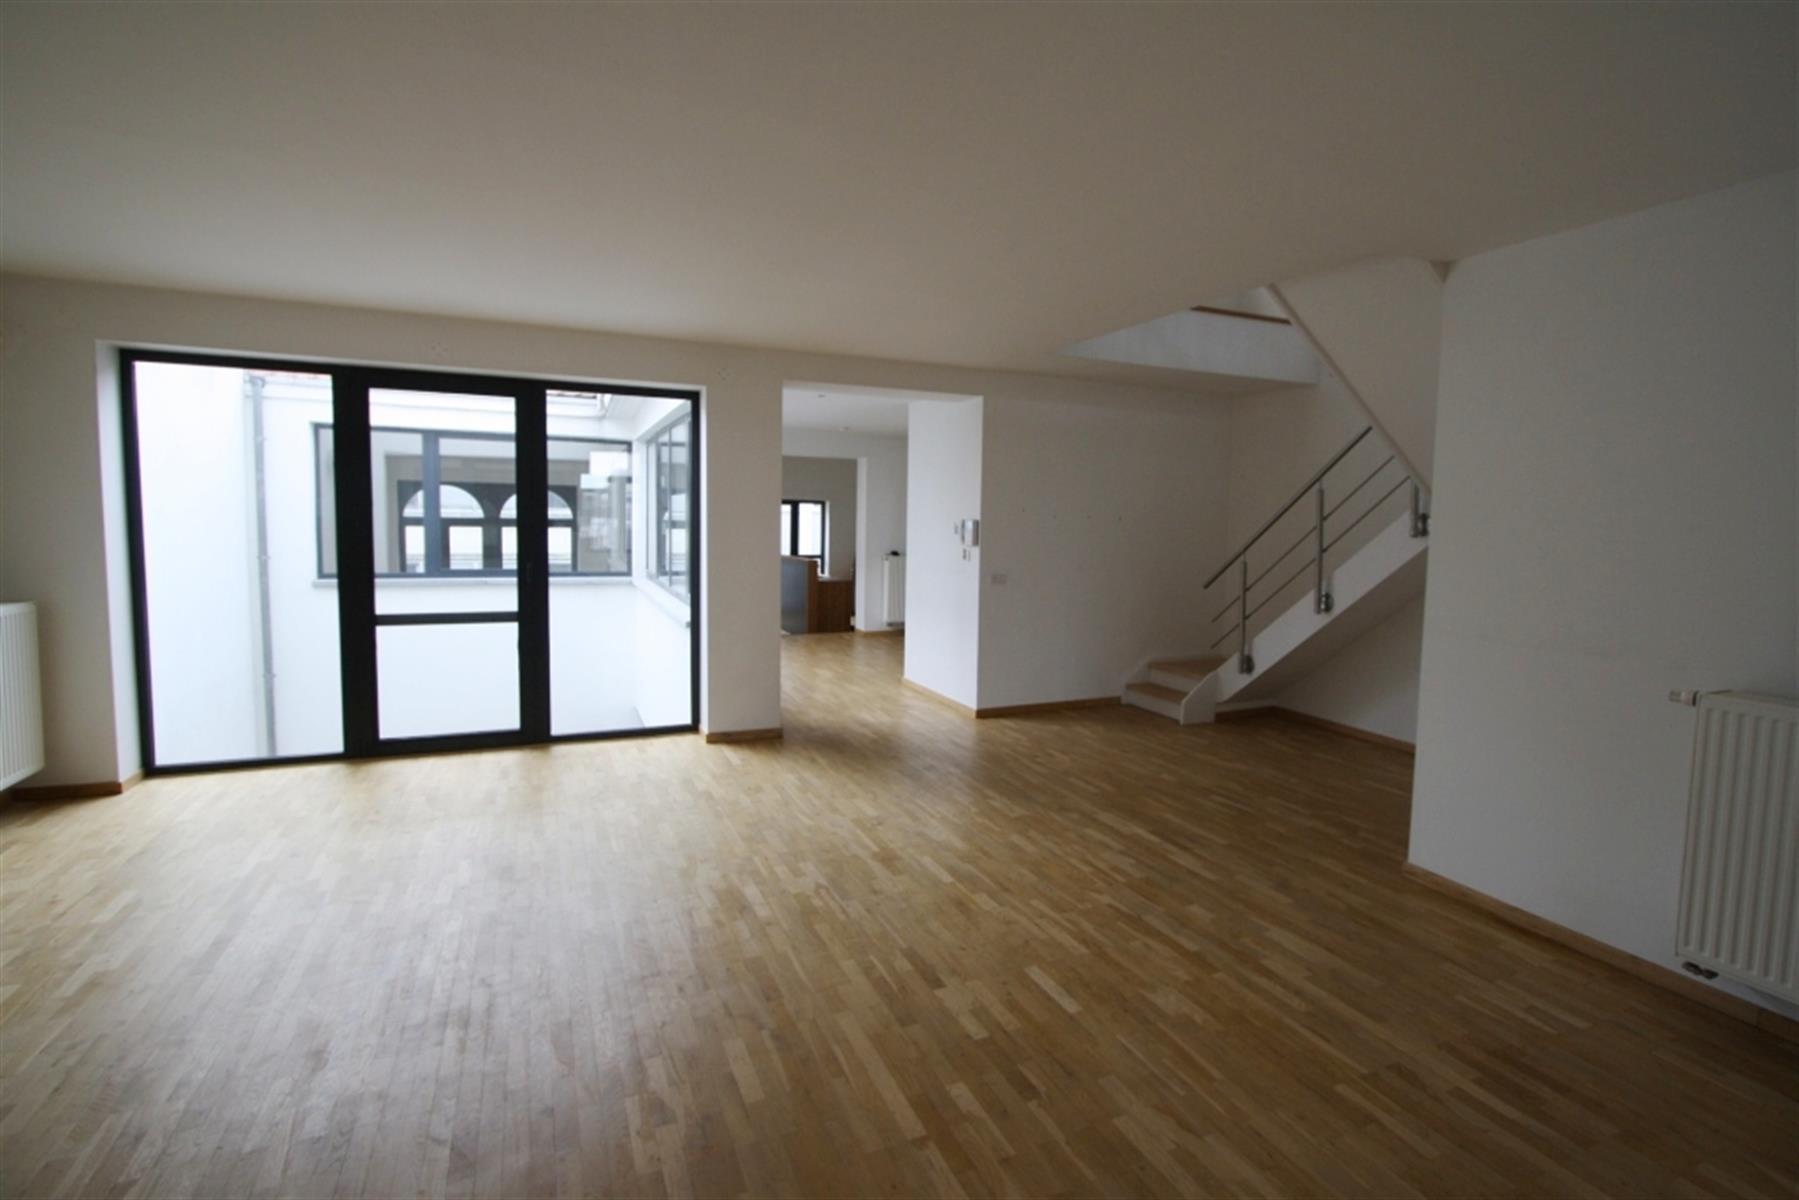 Duplex - Ixelles - #4343845-1